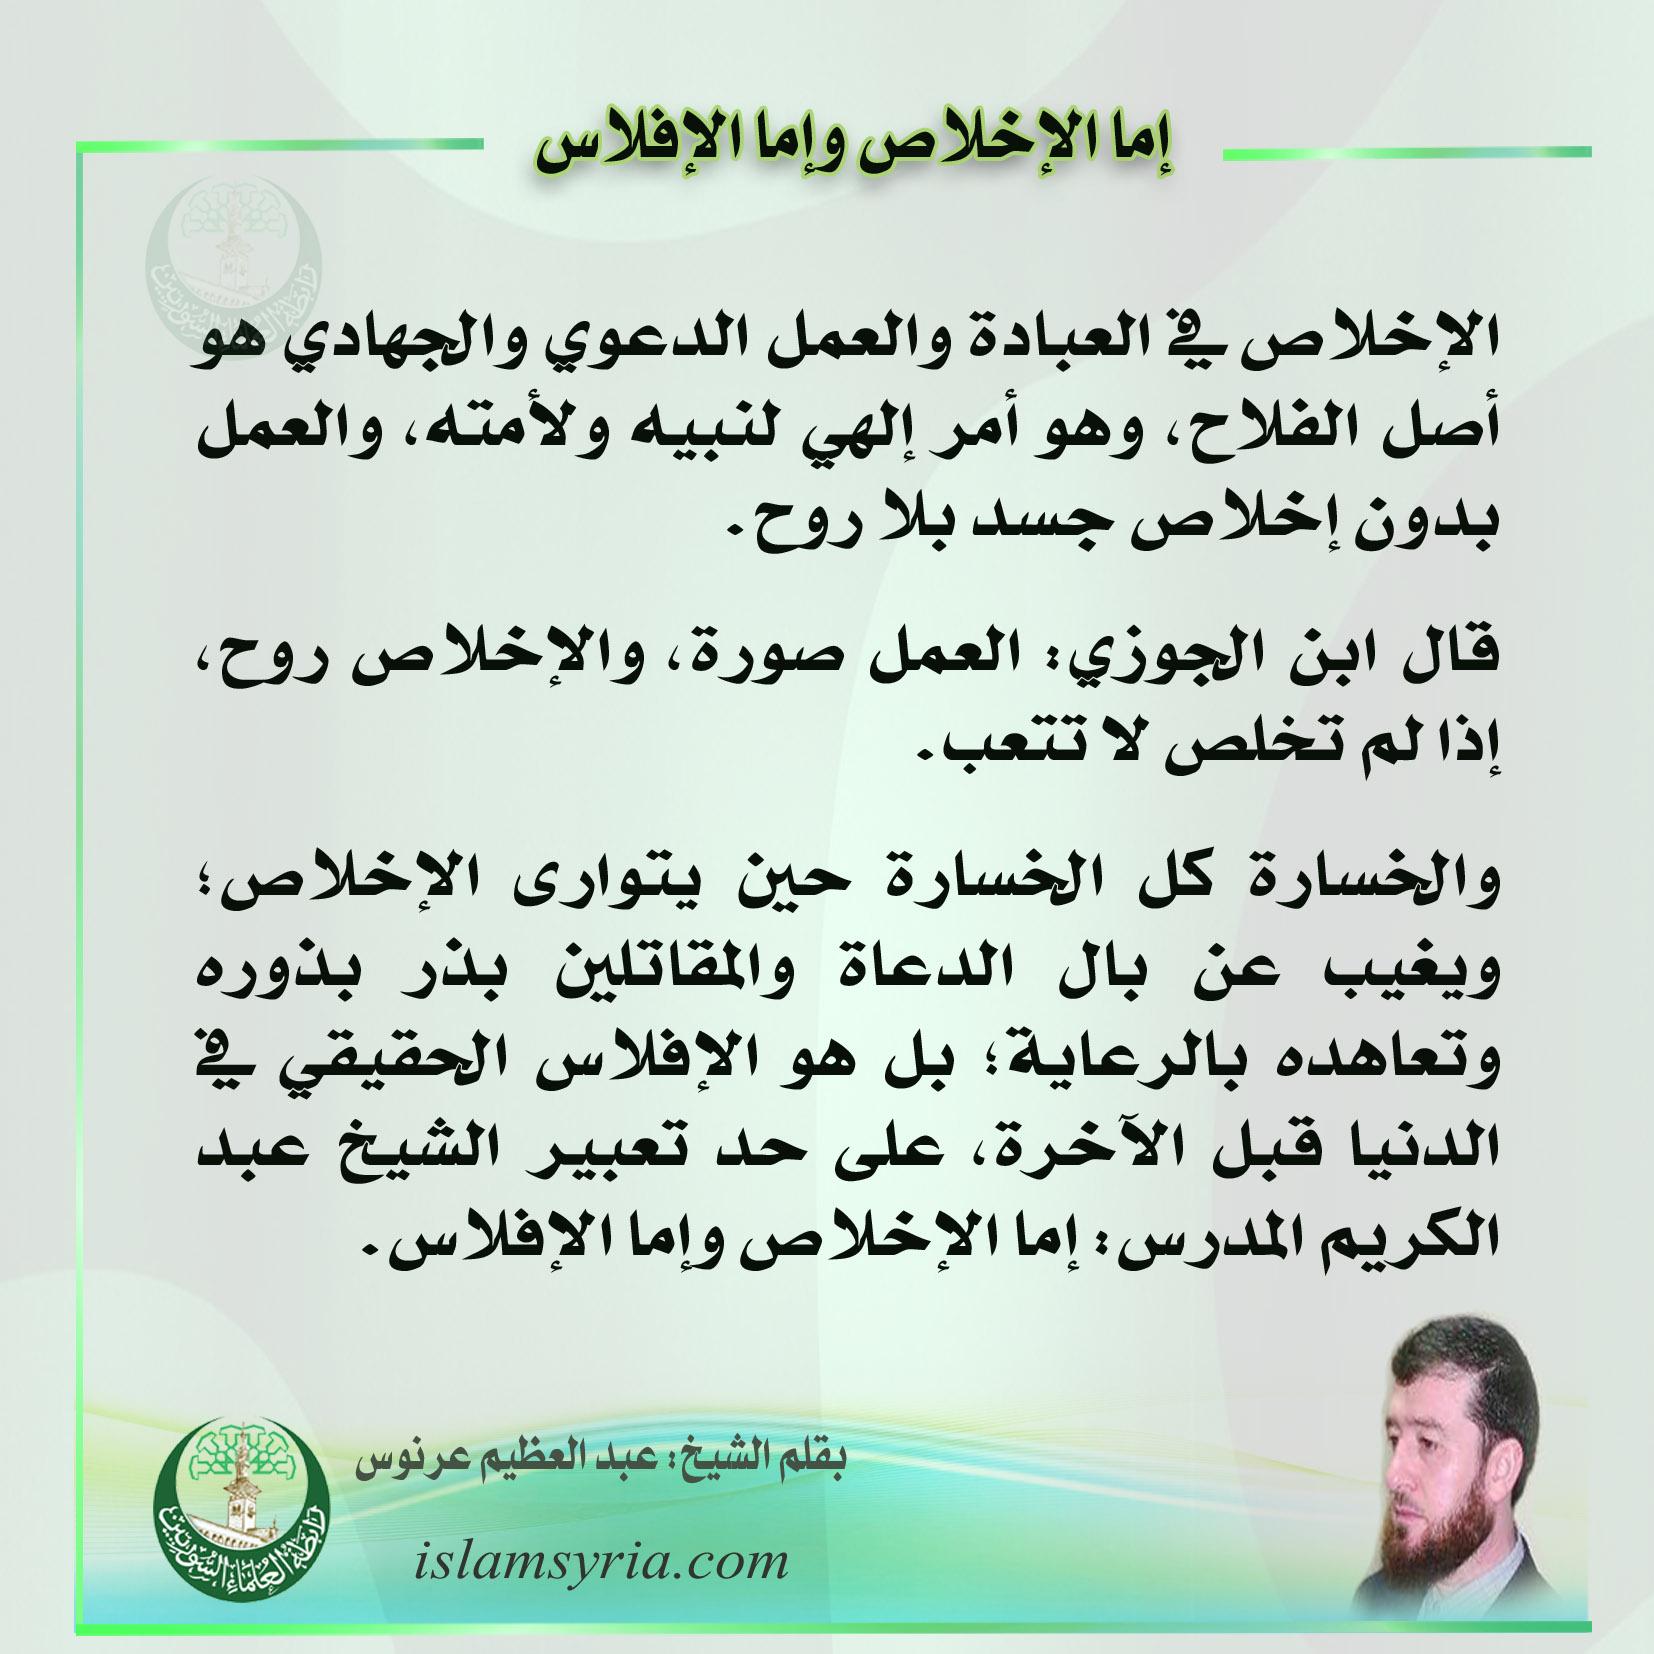 إما الإخلاص وإما الإفلاس||الشيخ عبد العظيم عرنوس